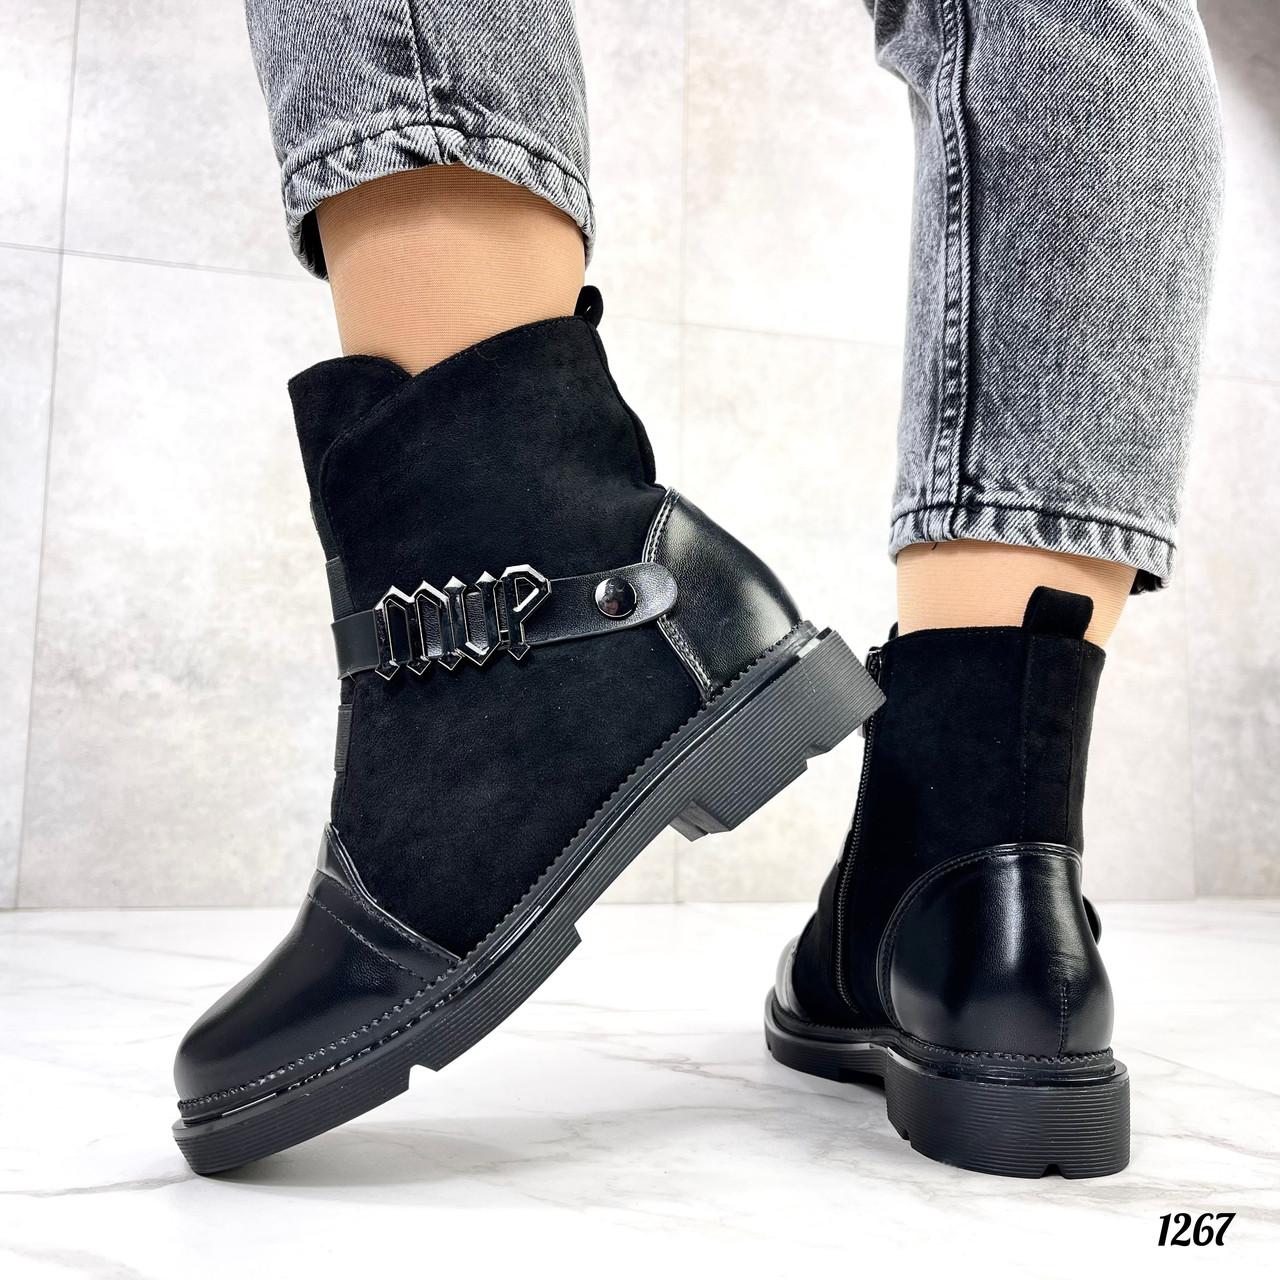 Женские ботинки ДЕМИ черные эко-замш + кожа весна- осень